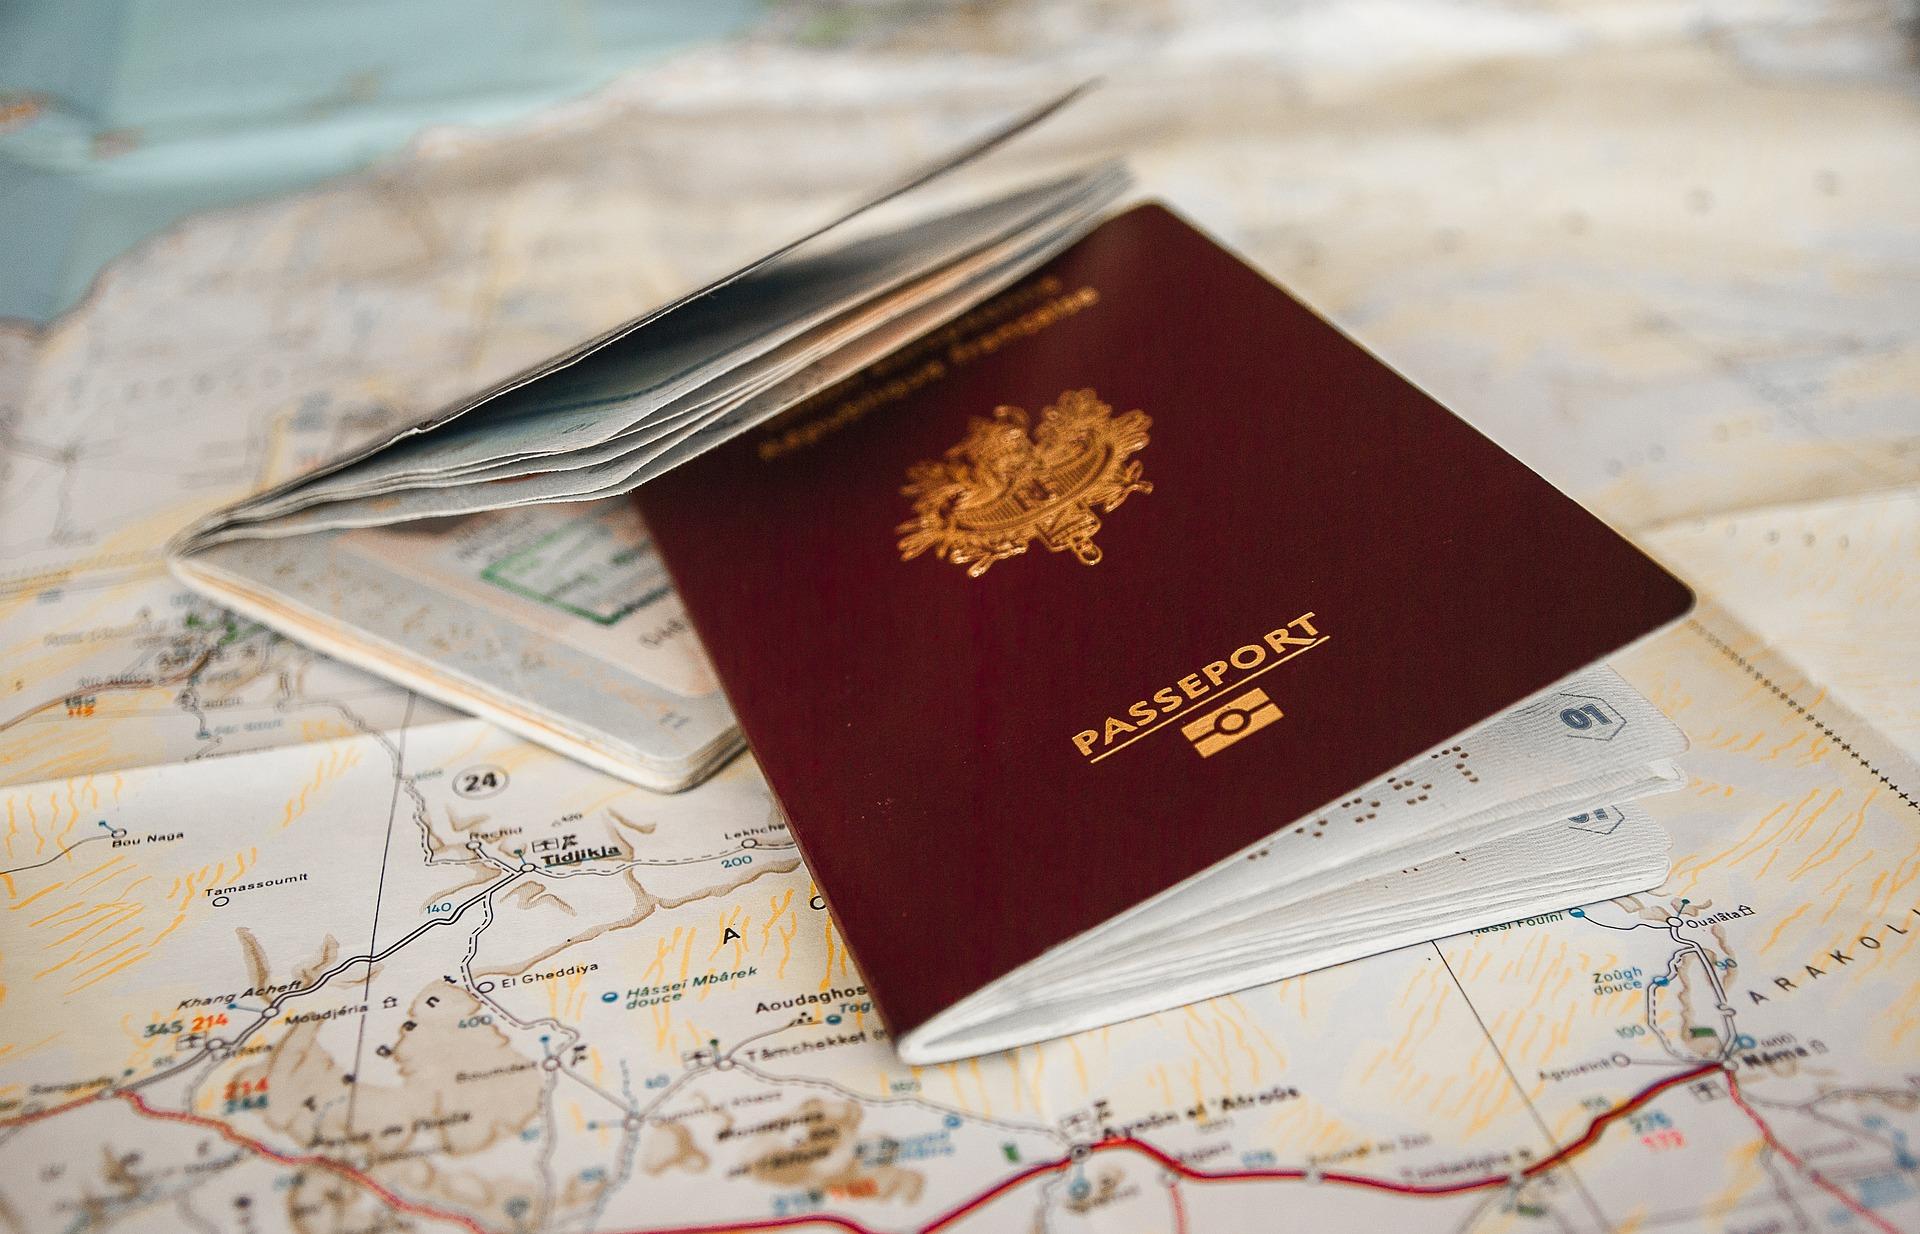 Türk pasaportuyla 11 ülkeye vizesiz seyahat mümkün